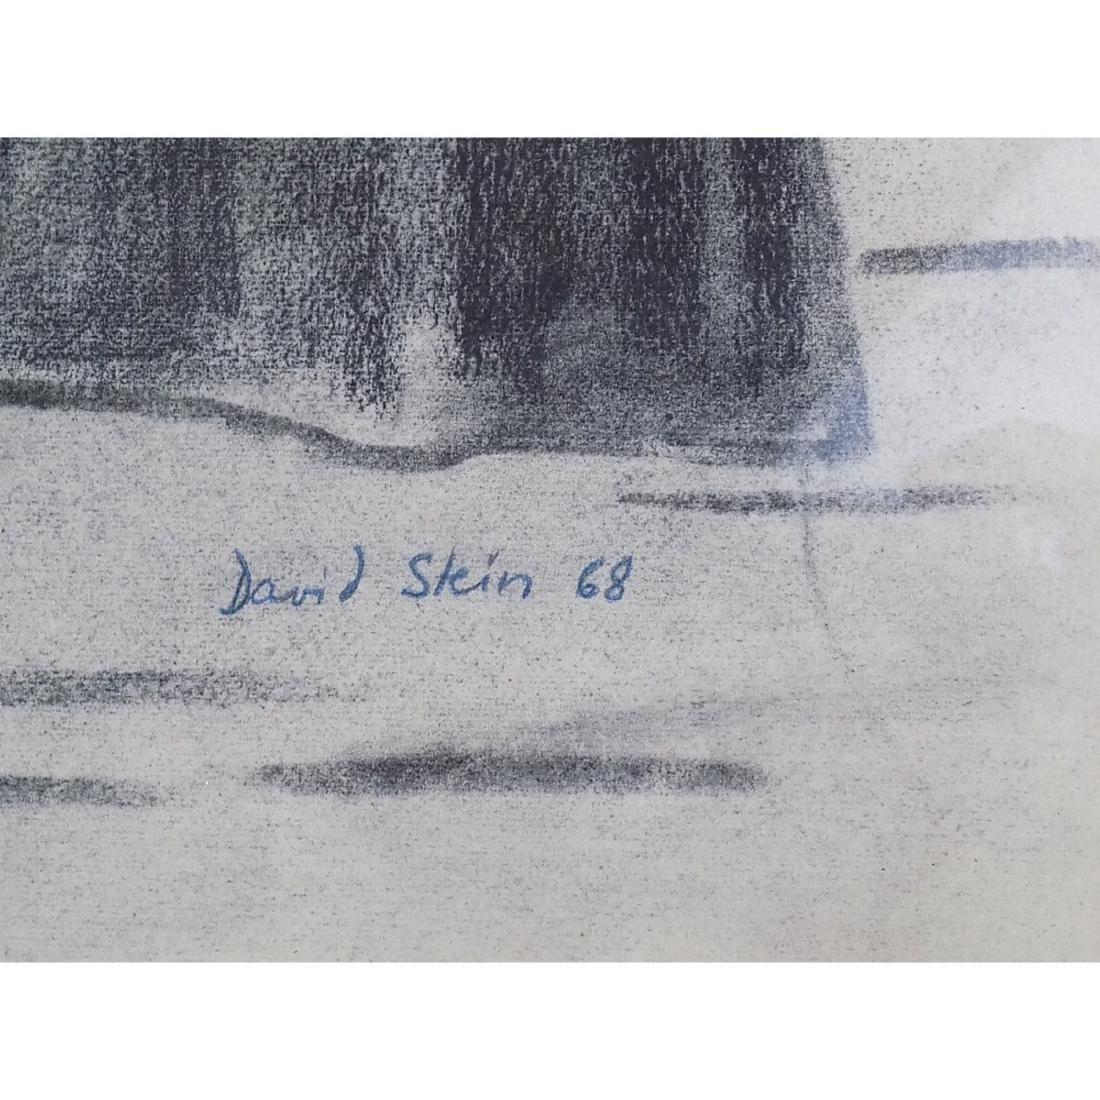 DAVID STEIN WORK - 4